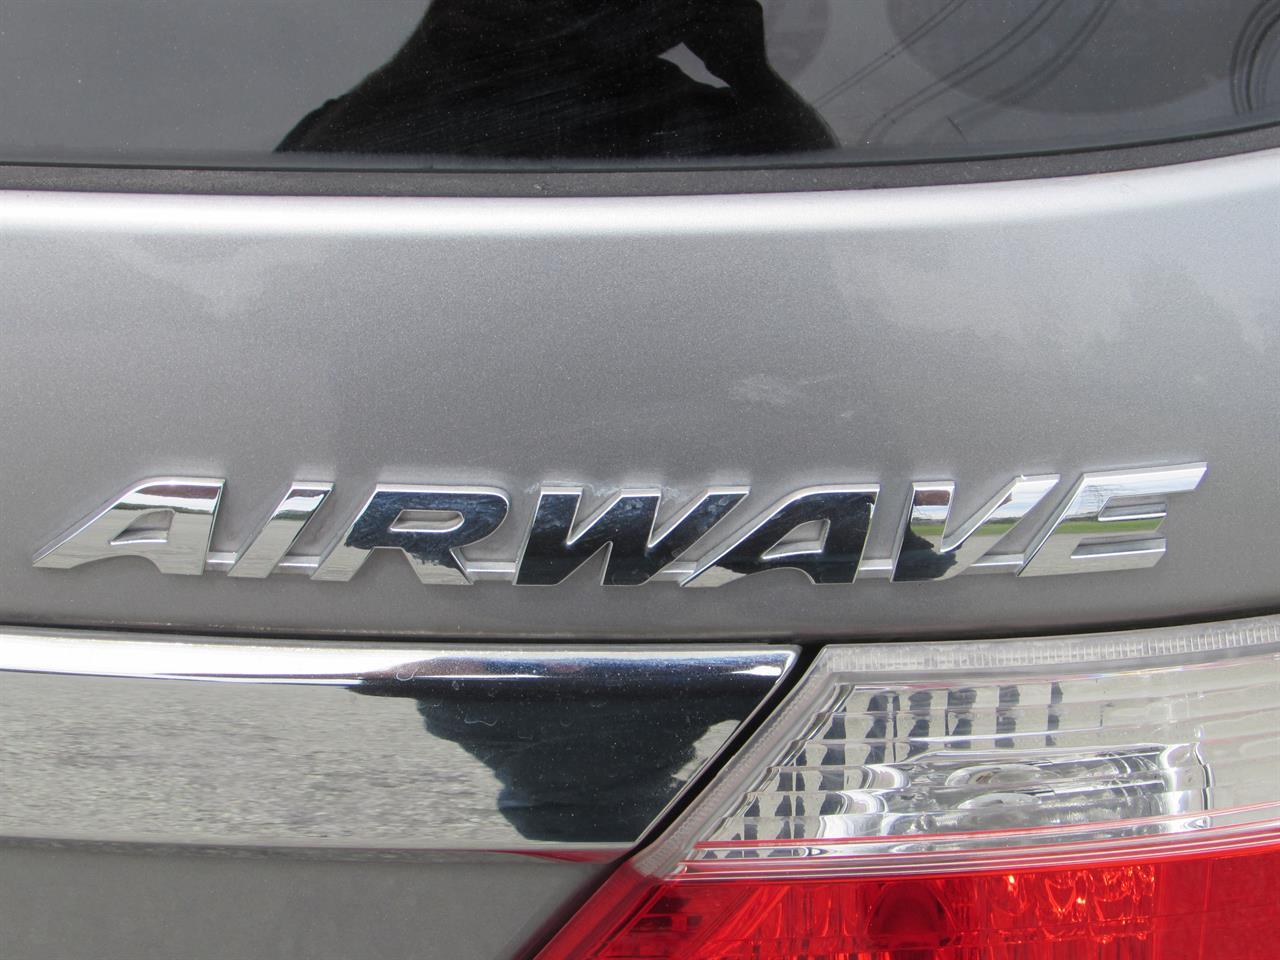 2005 Honda AIRWAVE | only $28 weekly